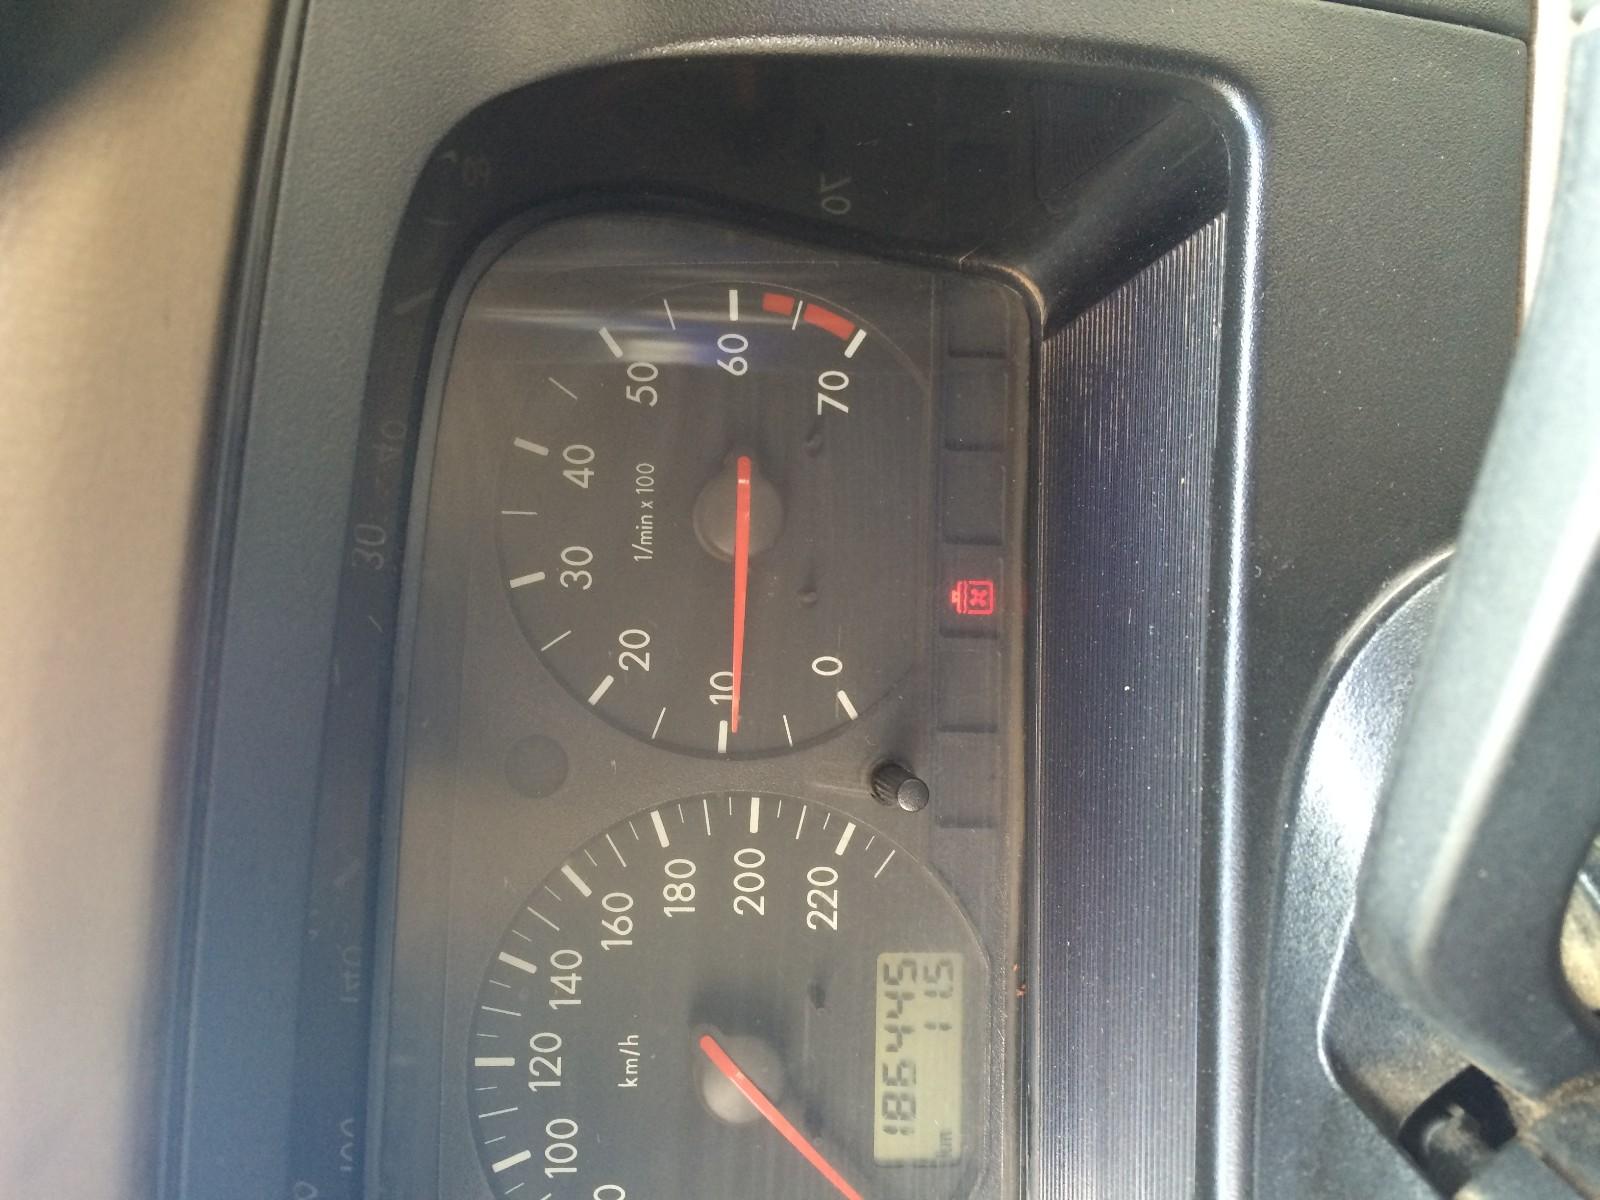 桑塔纳2000自动挡,仪表盘上这个红灯是什么意思?